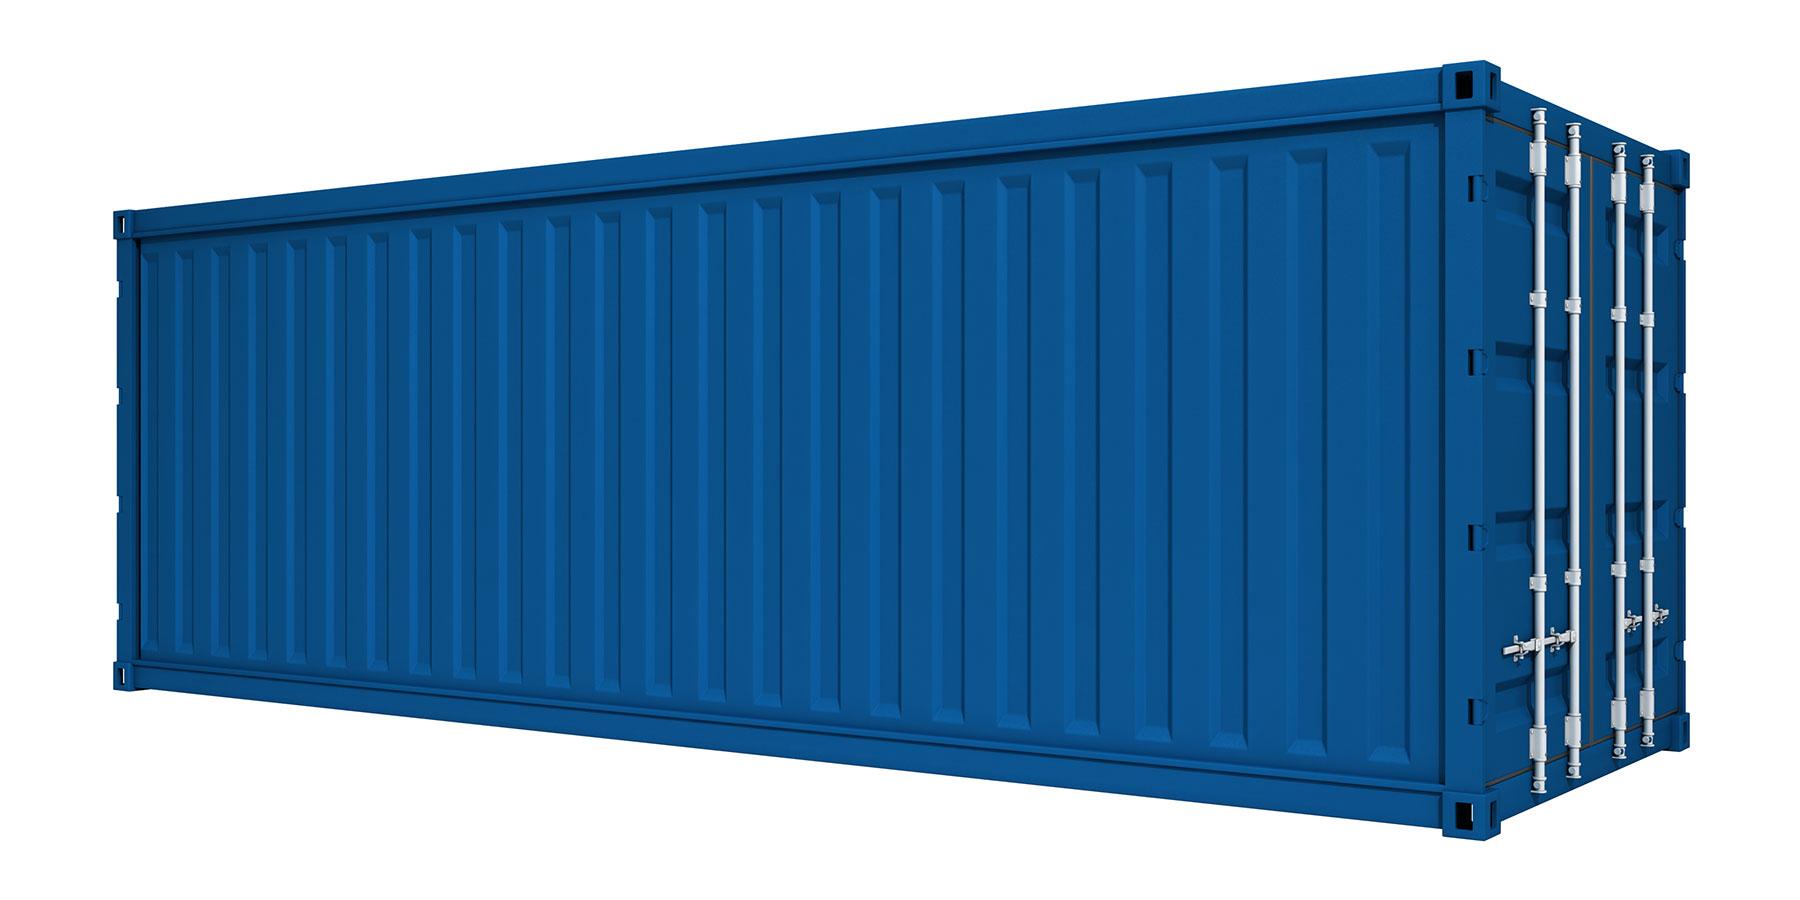 40 fos container lej lck